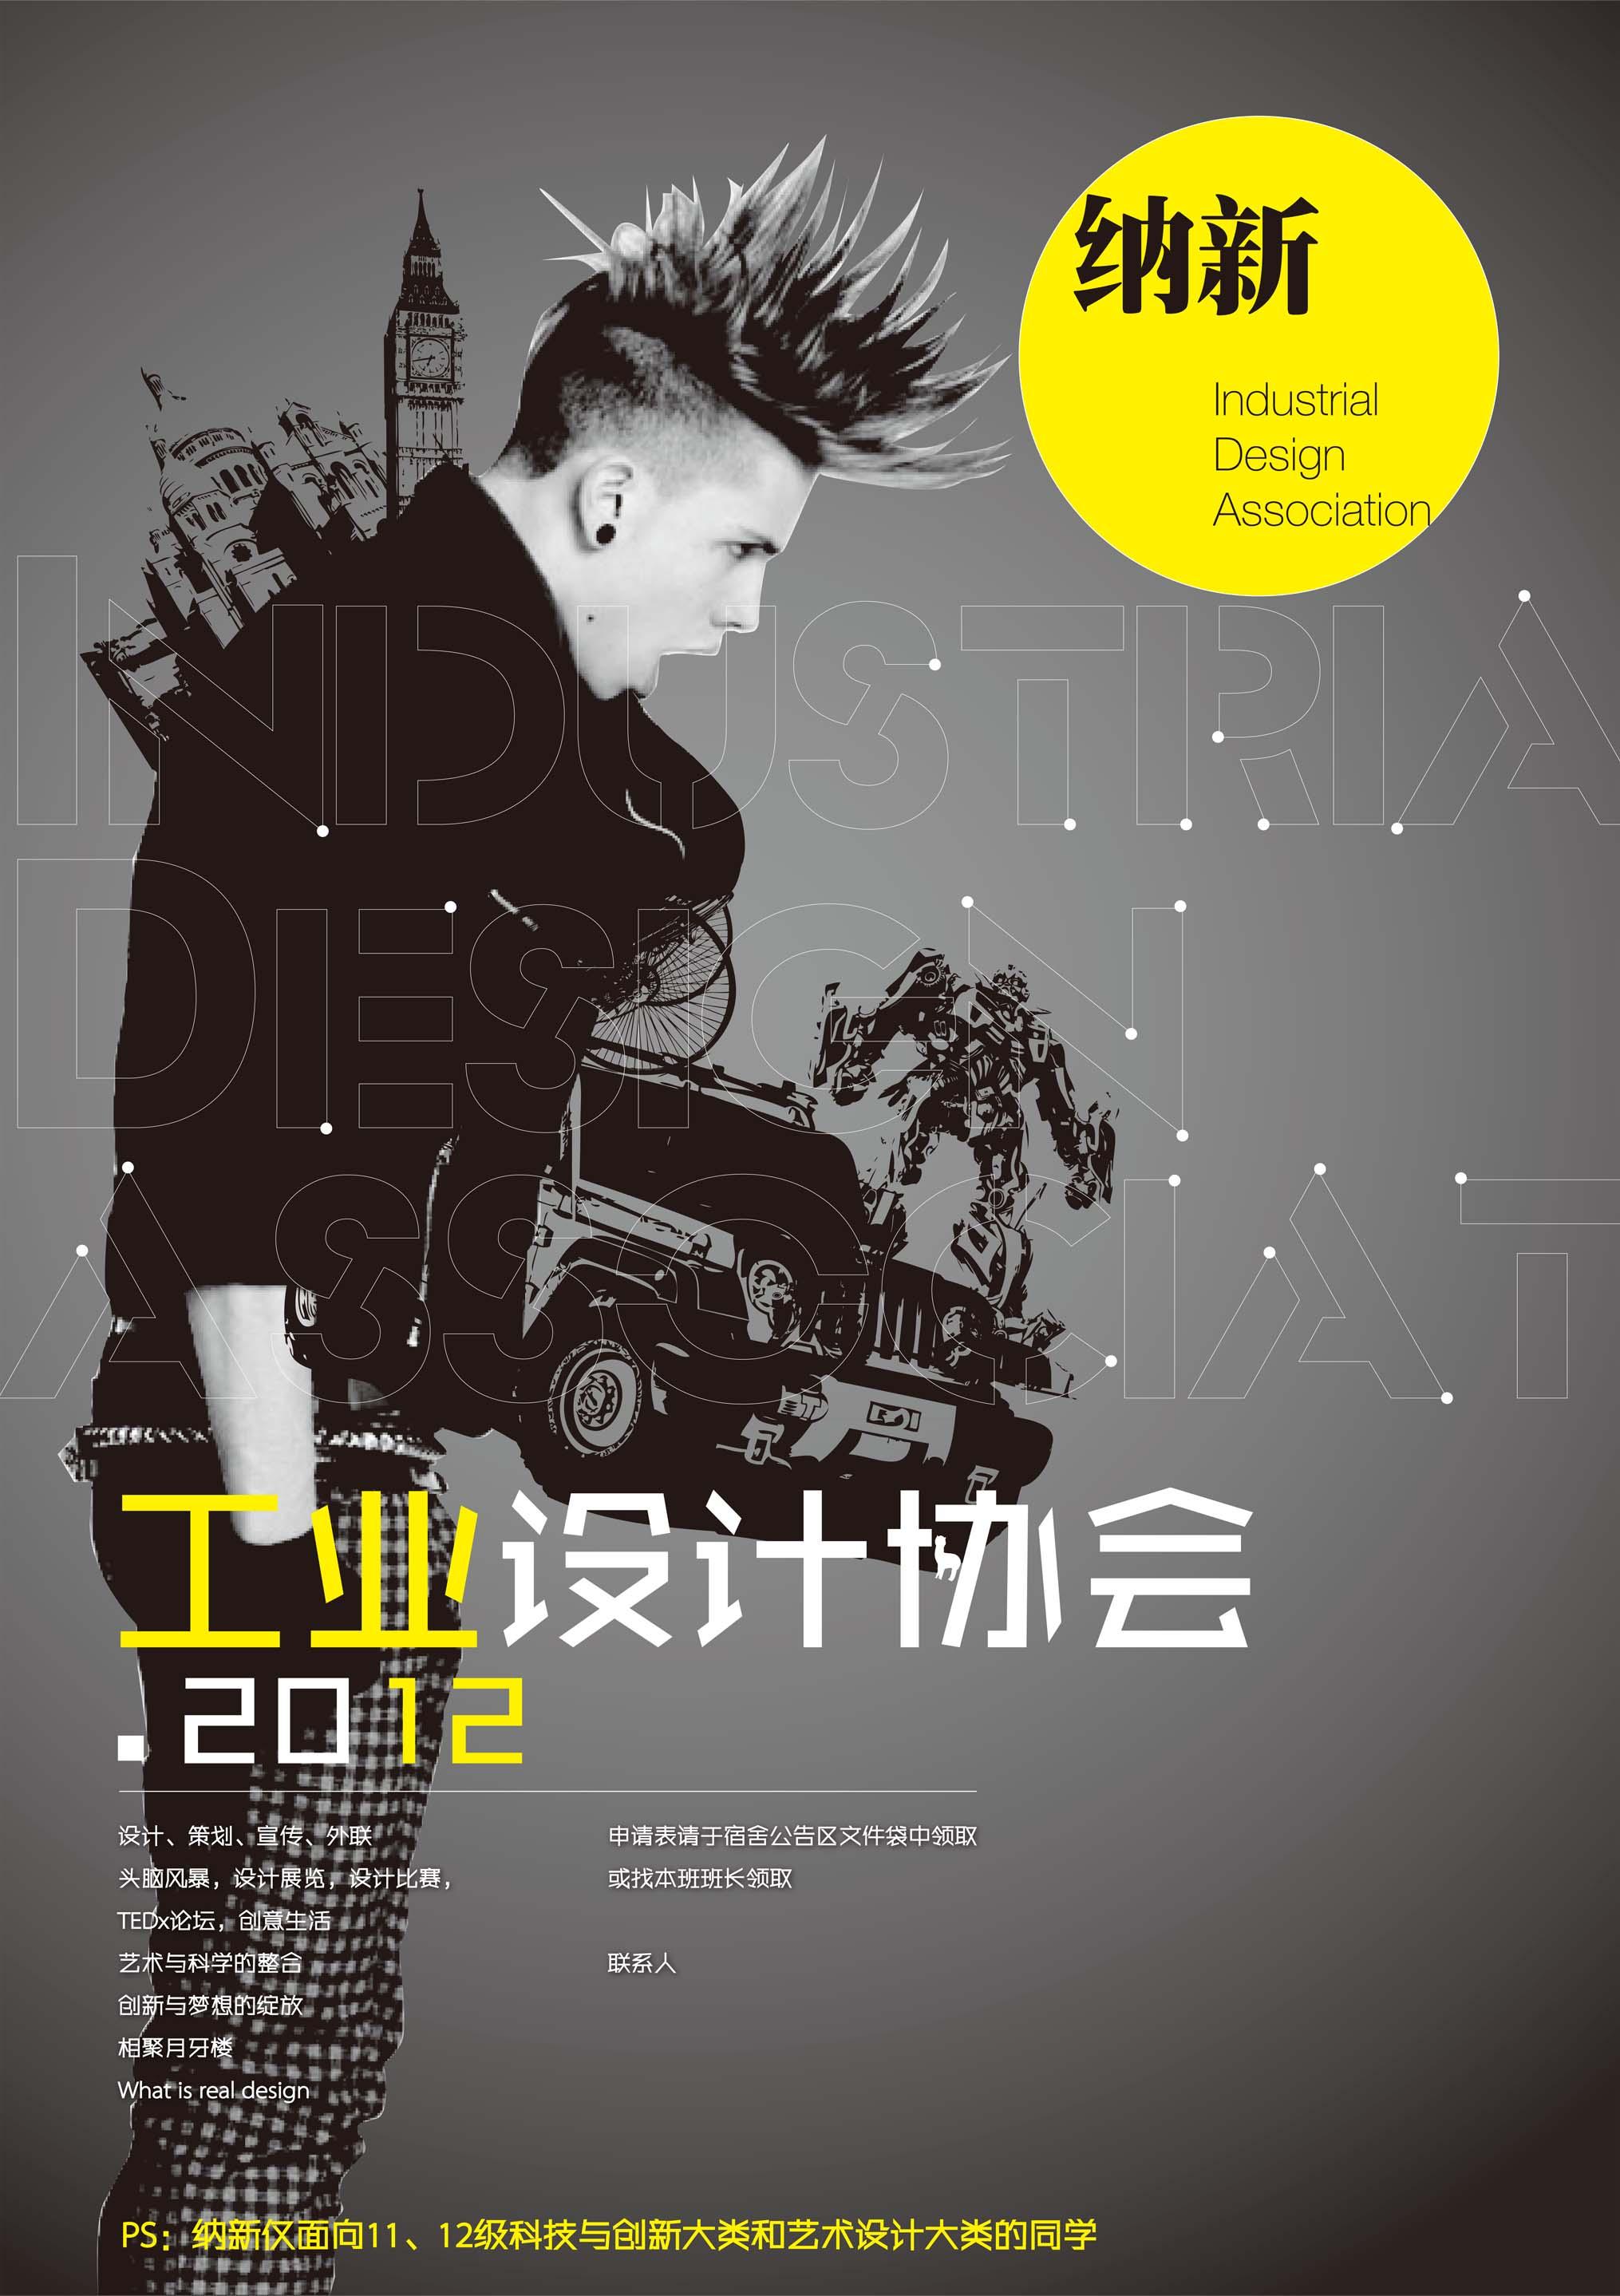 浙江大学工业设计协会纳新海报